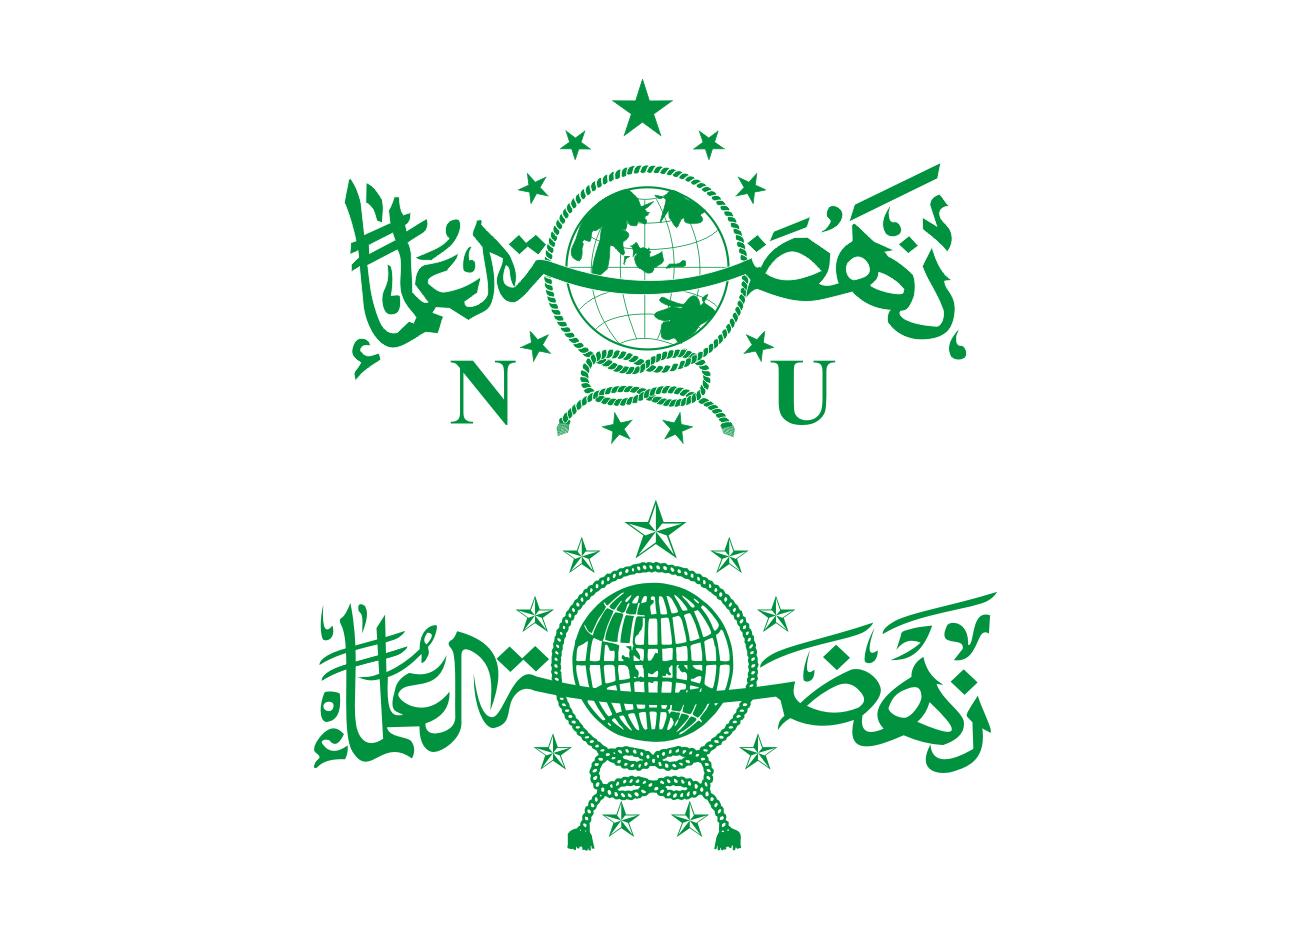 Download Logo NU berbentuk Vector CorelDraw (CDR), AI, PDF ...